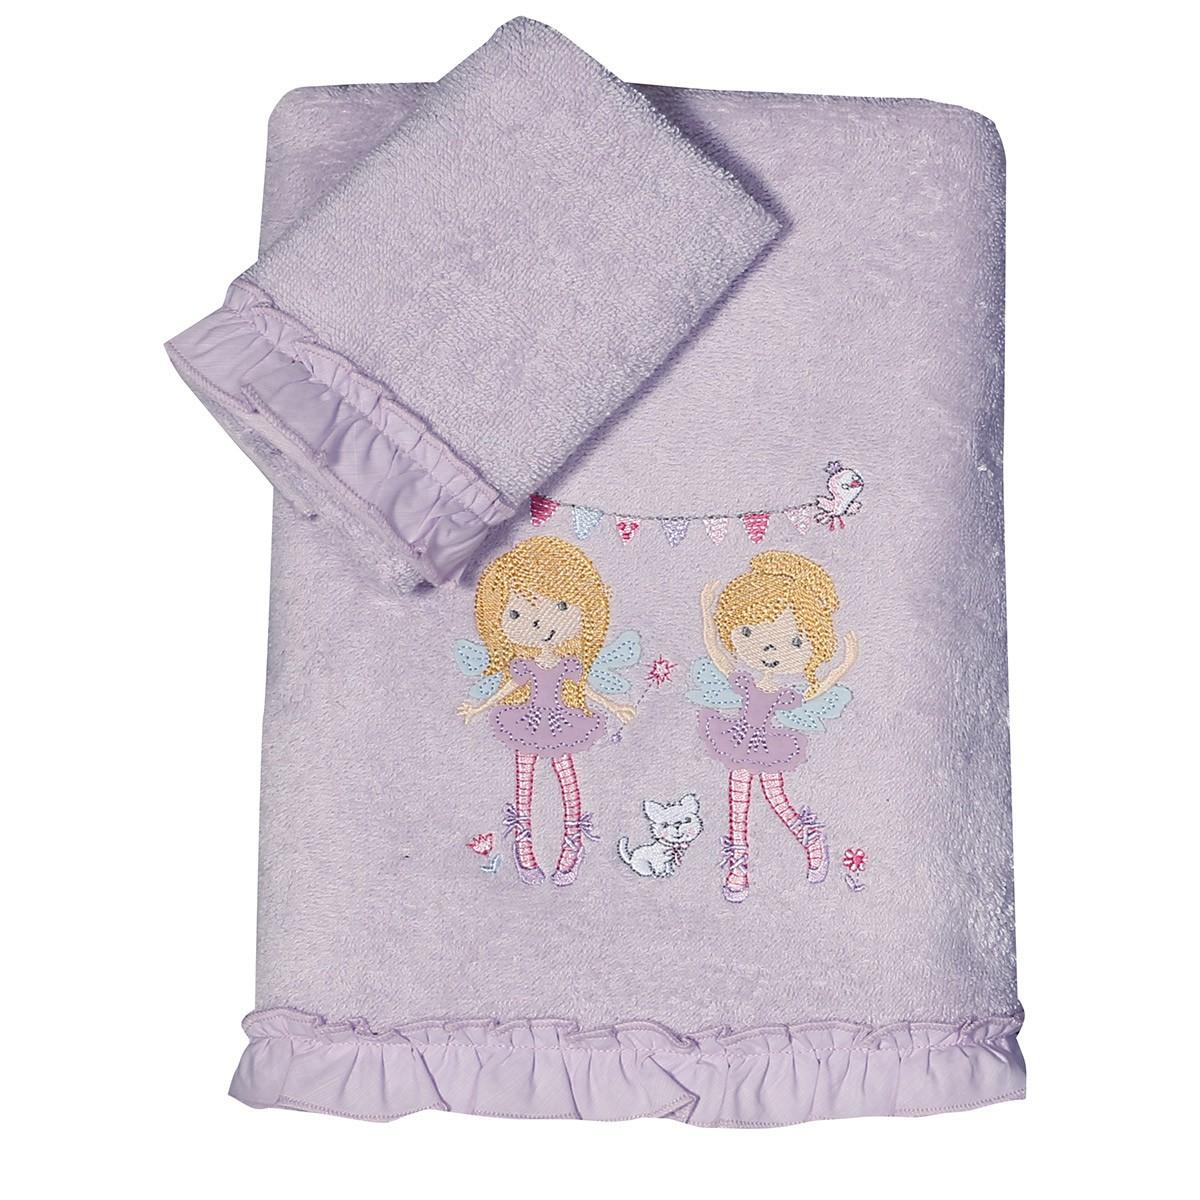 Παιδικές Πετσέτες (Σετ 2τμχ) Nef-Nef Kid Happy Girls home   παιδικά   πετσέτες παιδικές